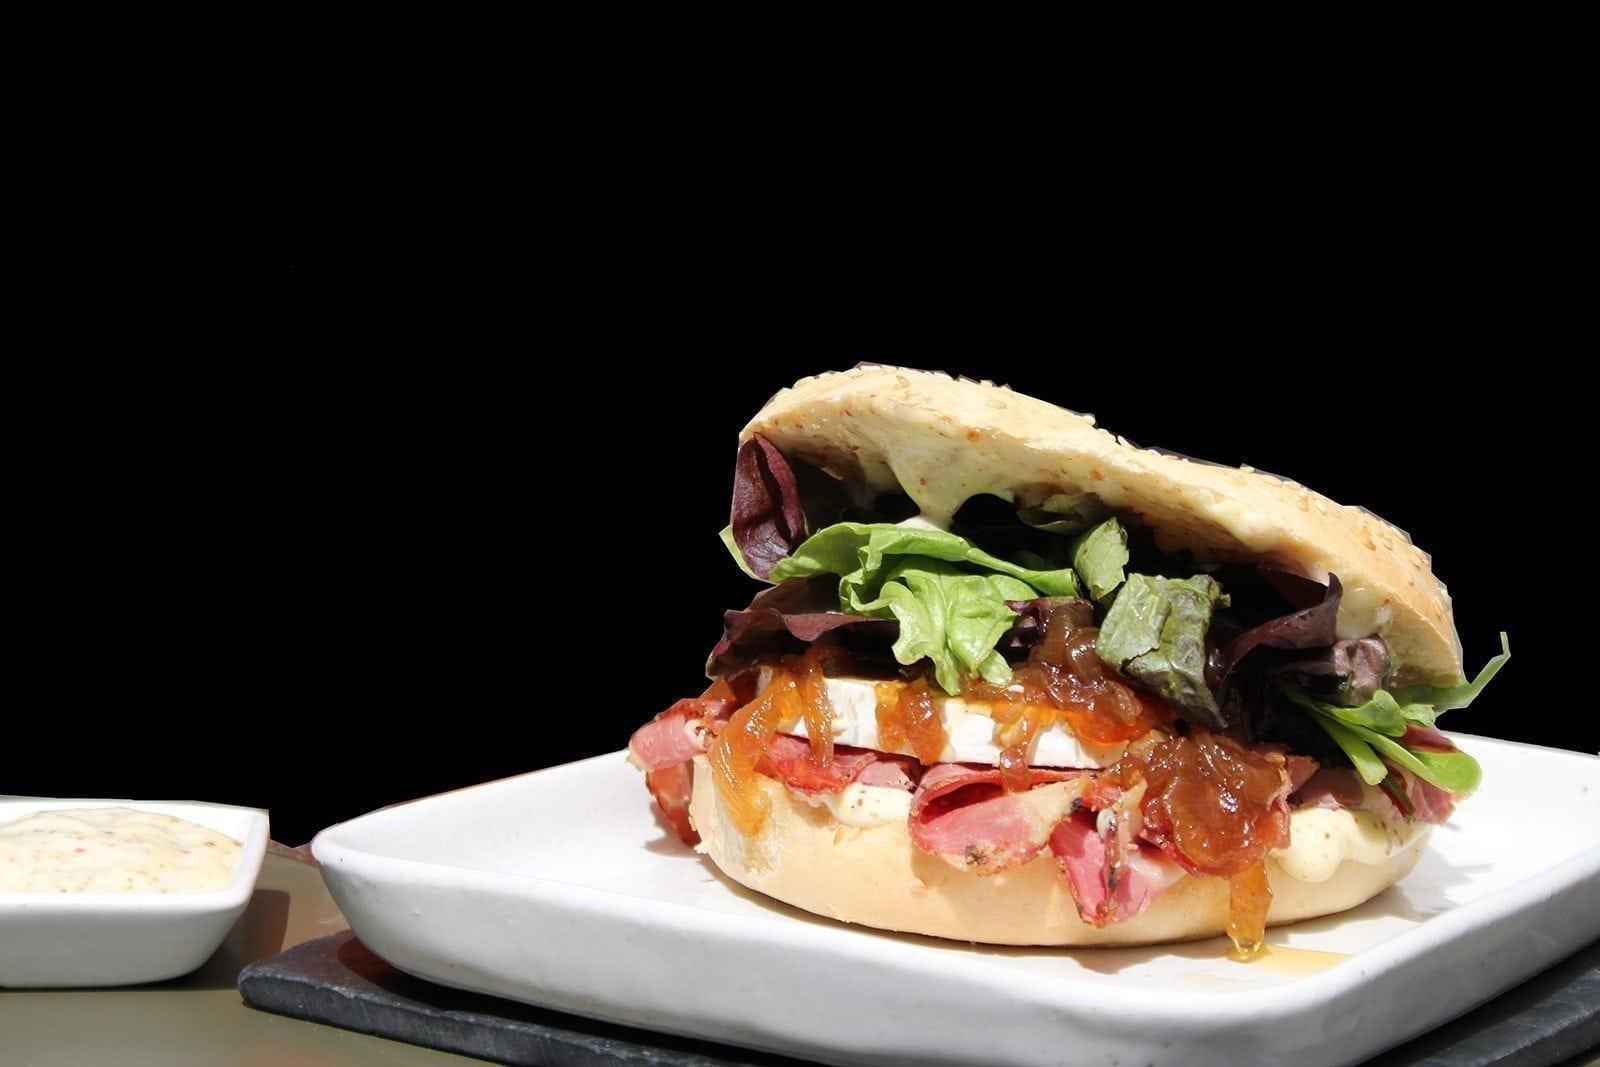 El sandwich, el placer de comer con las manos